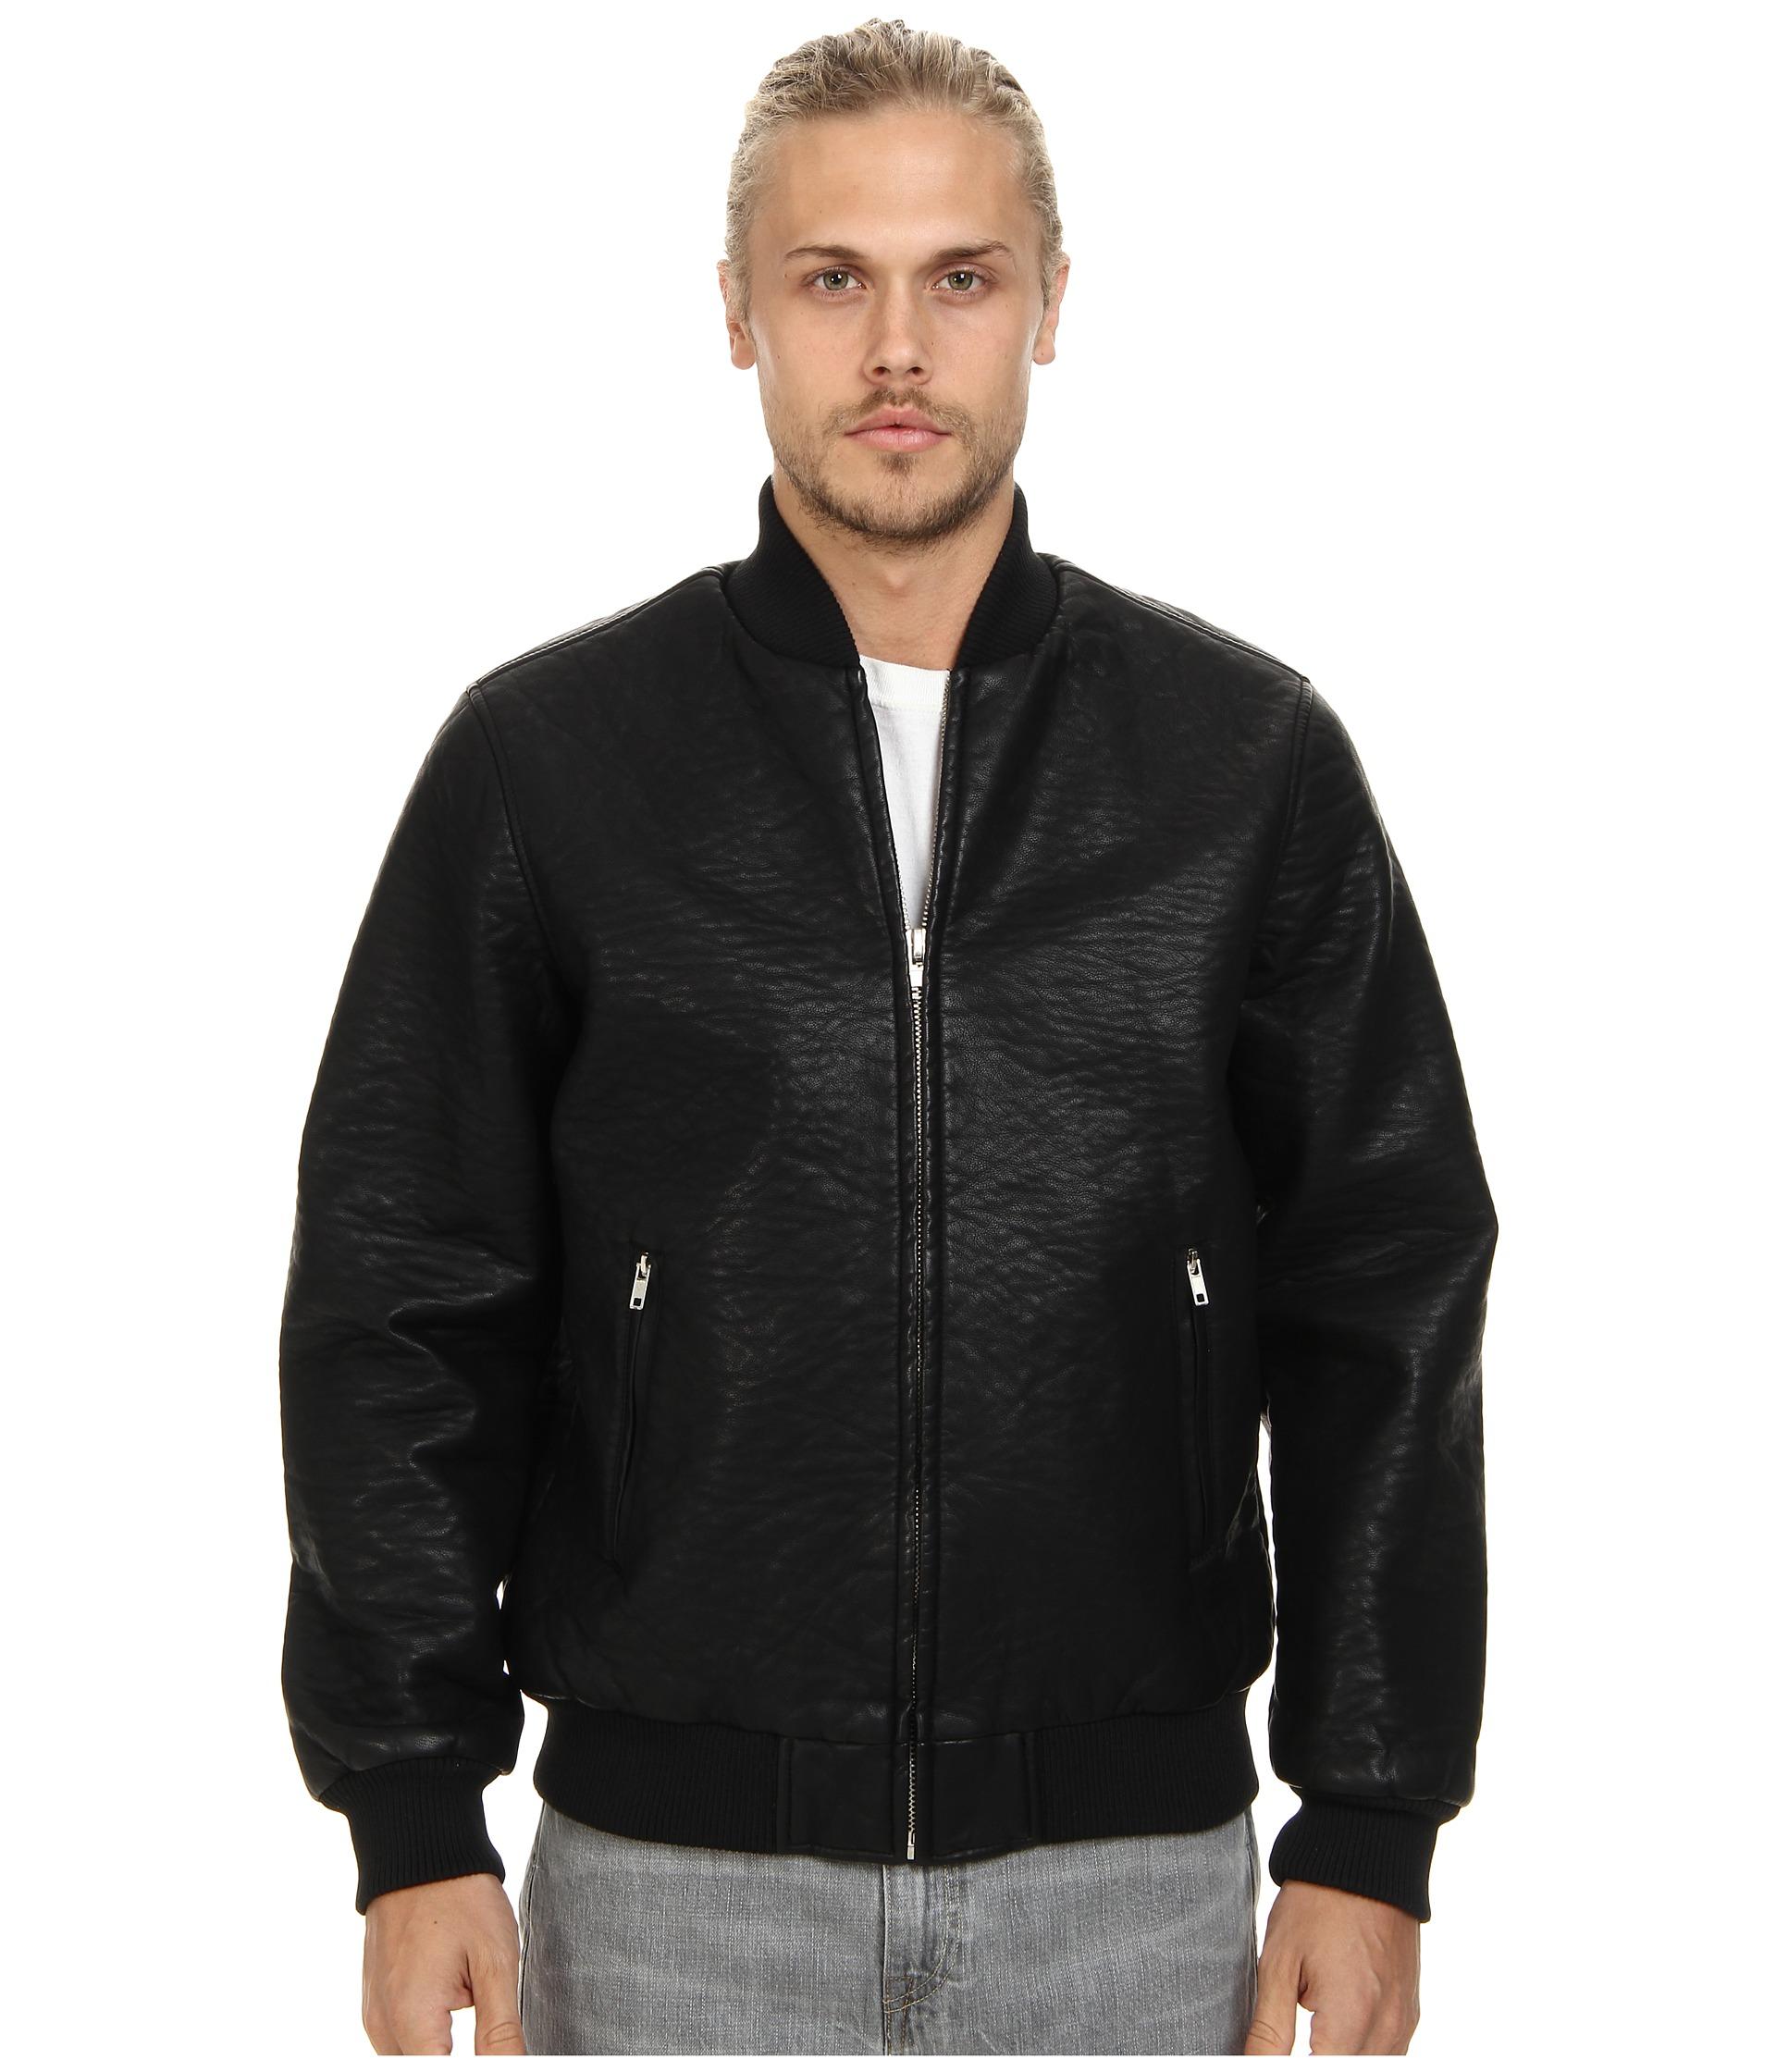 Obey Bond Vegan Leather Jacket $67.99 (50% off MSRP $136.00